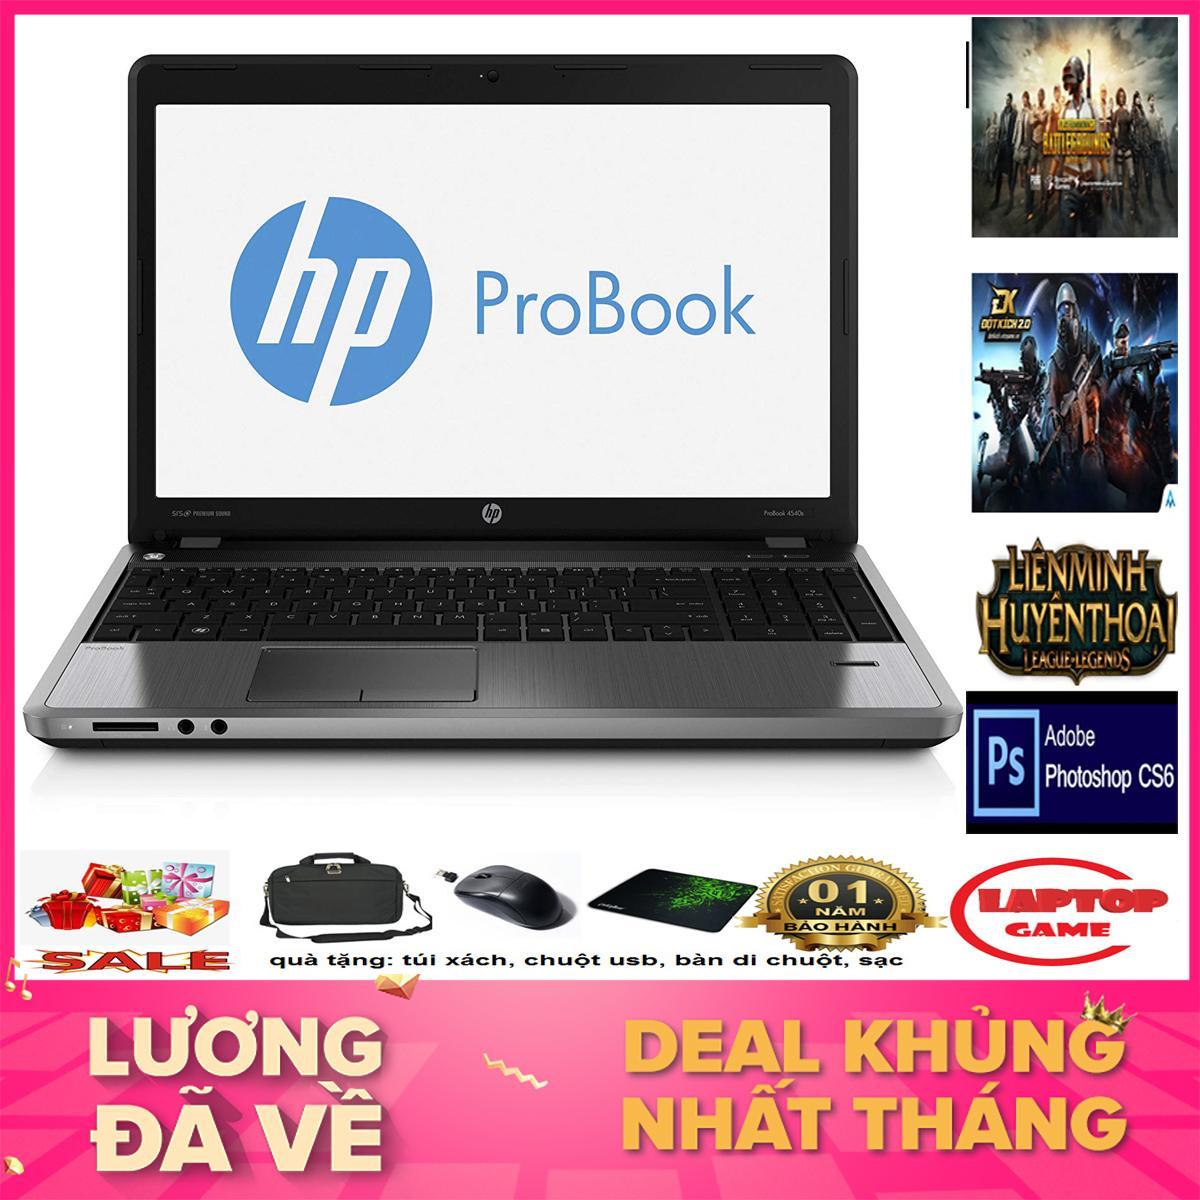 Laptop Chơi Game Và Đồ Họa Sang Trọng- HP Probook 4540S ( i5-3230M,Ram 4GB, 250GB, VGA on Intel HD 4000, màn 15.6″ HD LED)